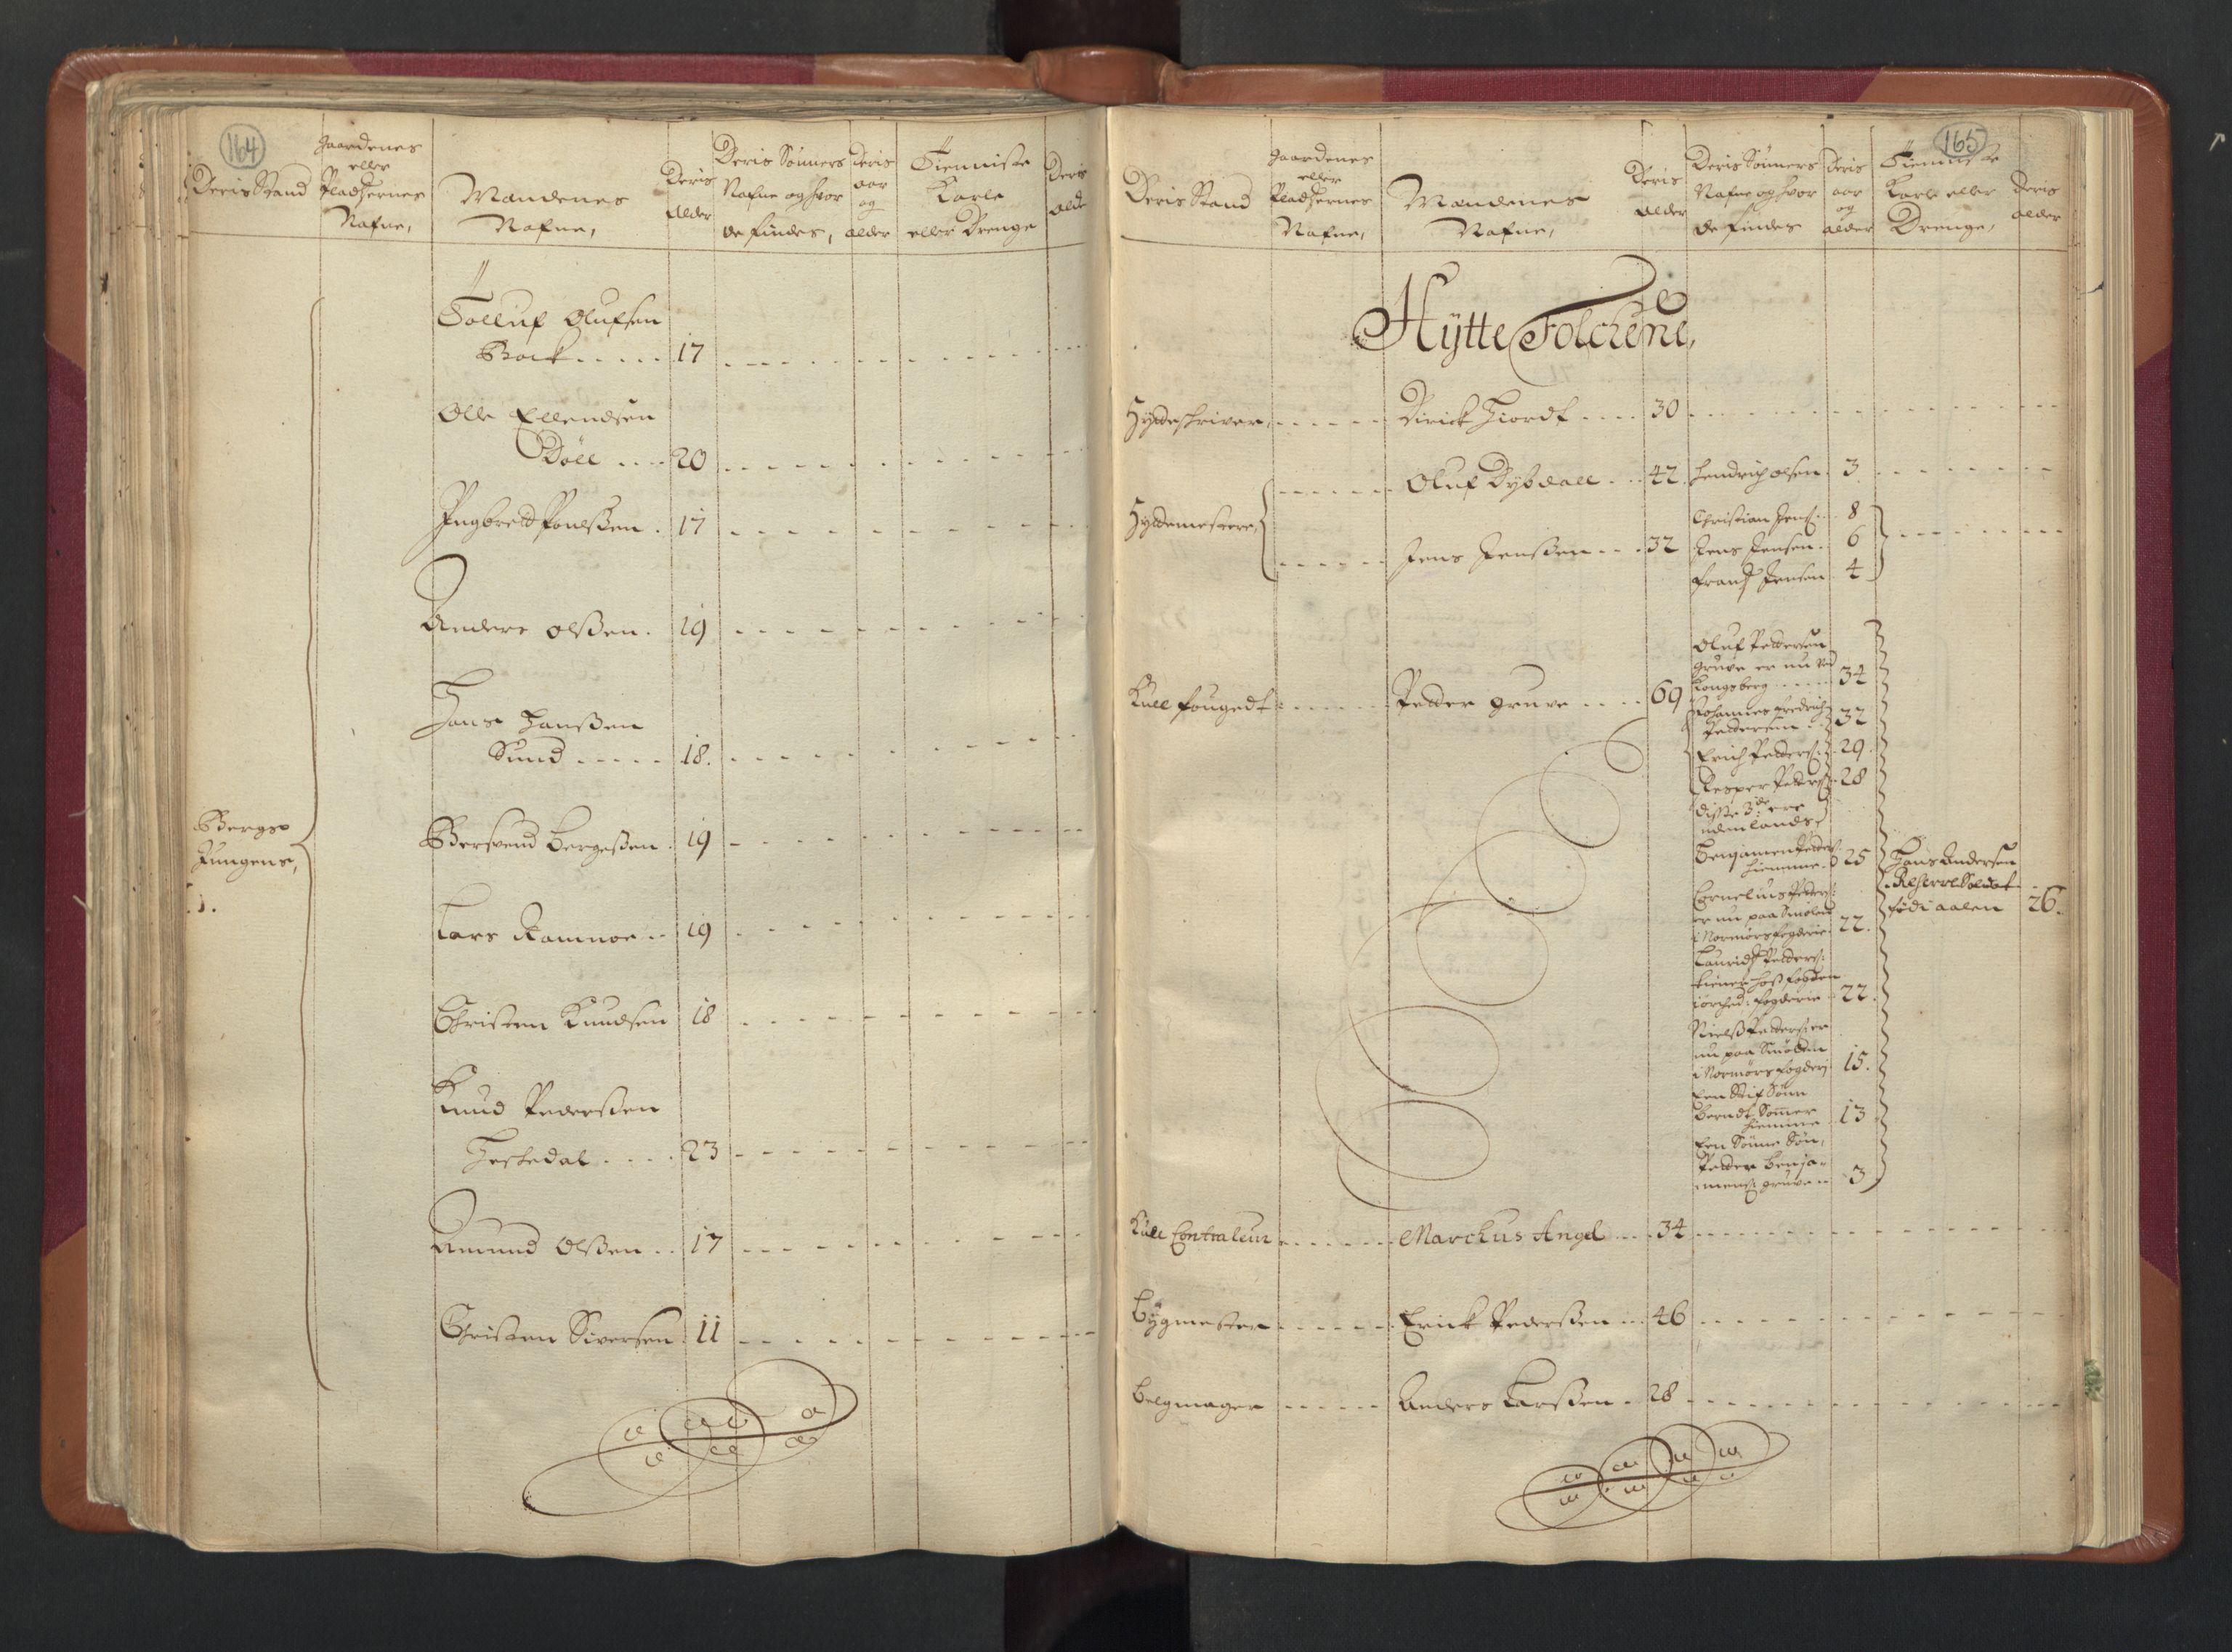 RA, Manntallet 1701, nr. 13: Orkdal fogderi og Gauldal fogderi med Røros kobberverk, 1701, s. 164-165